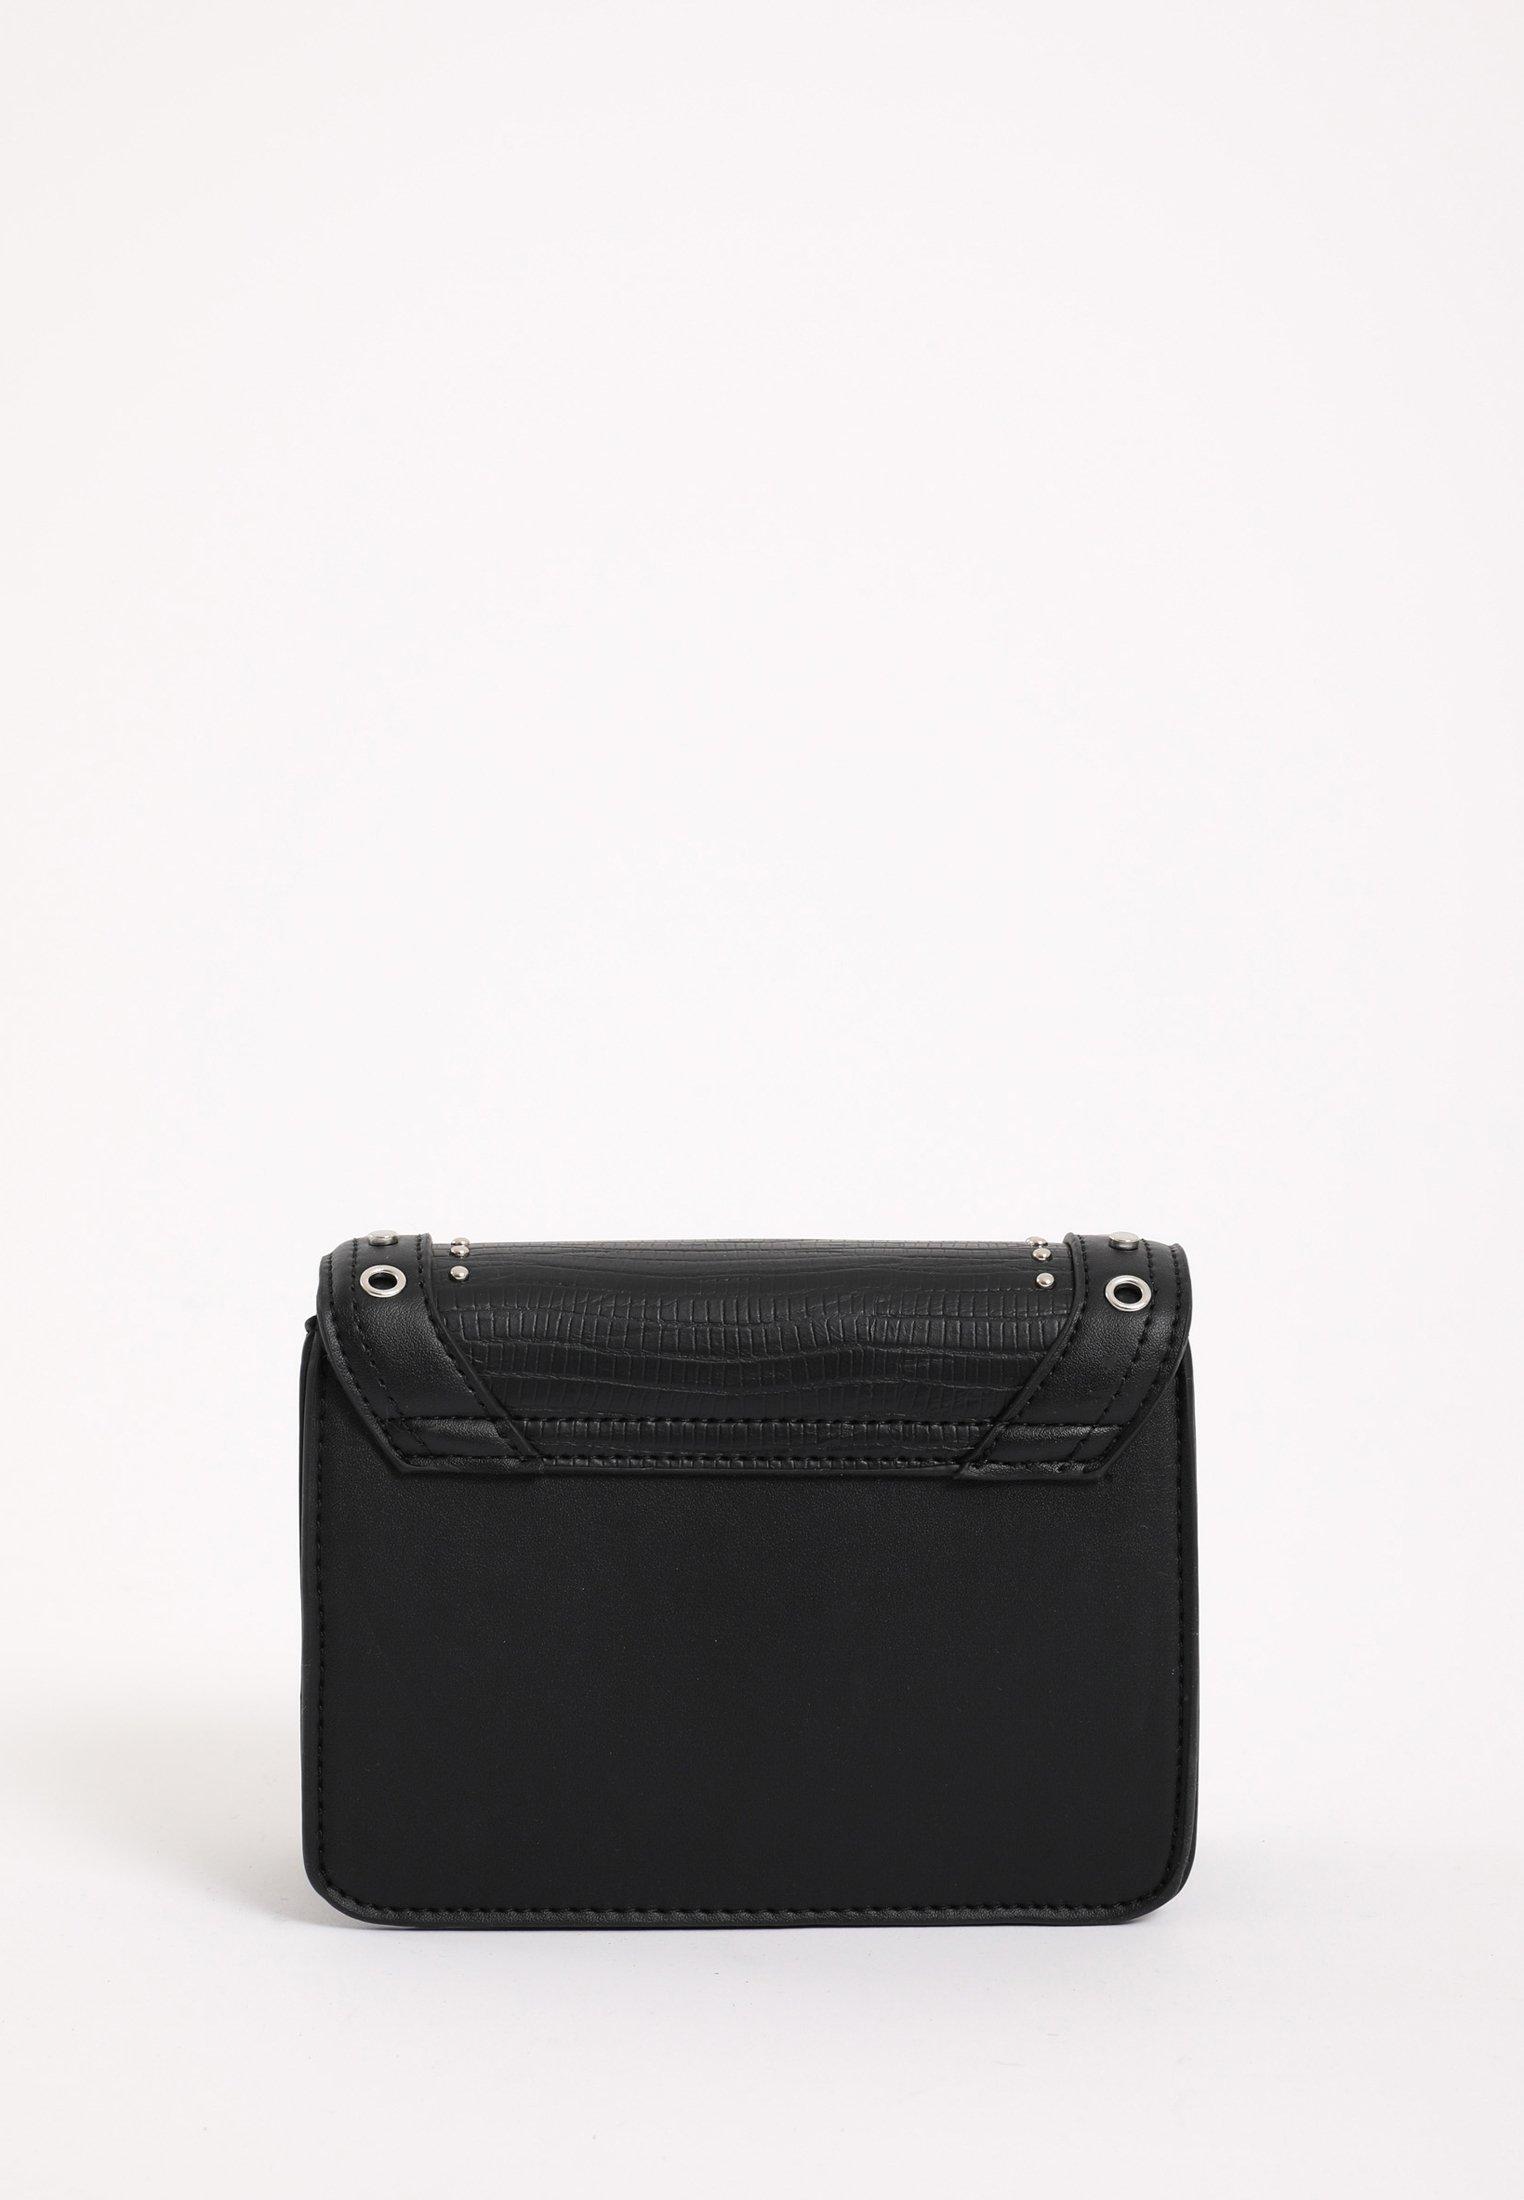 Pimkie Kleine Tasche Mit Nieten - Handtasche Schwarz